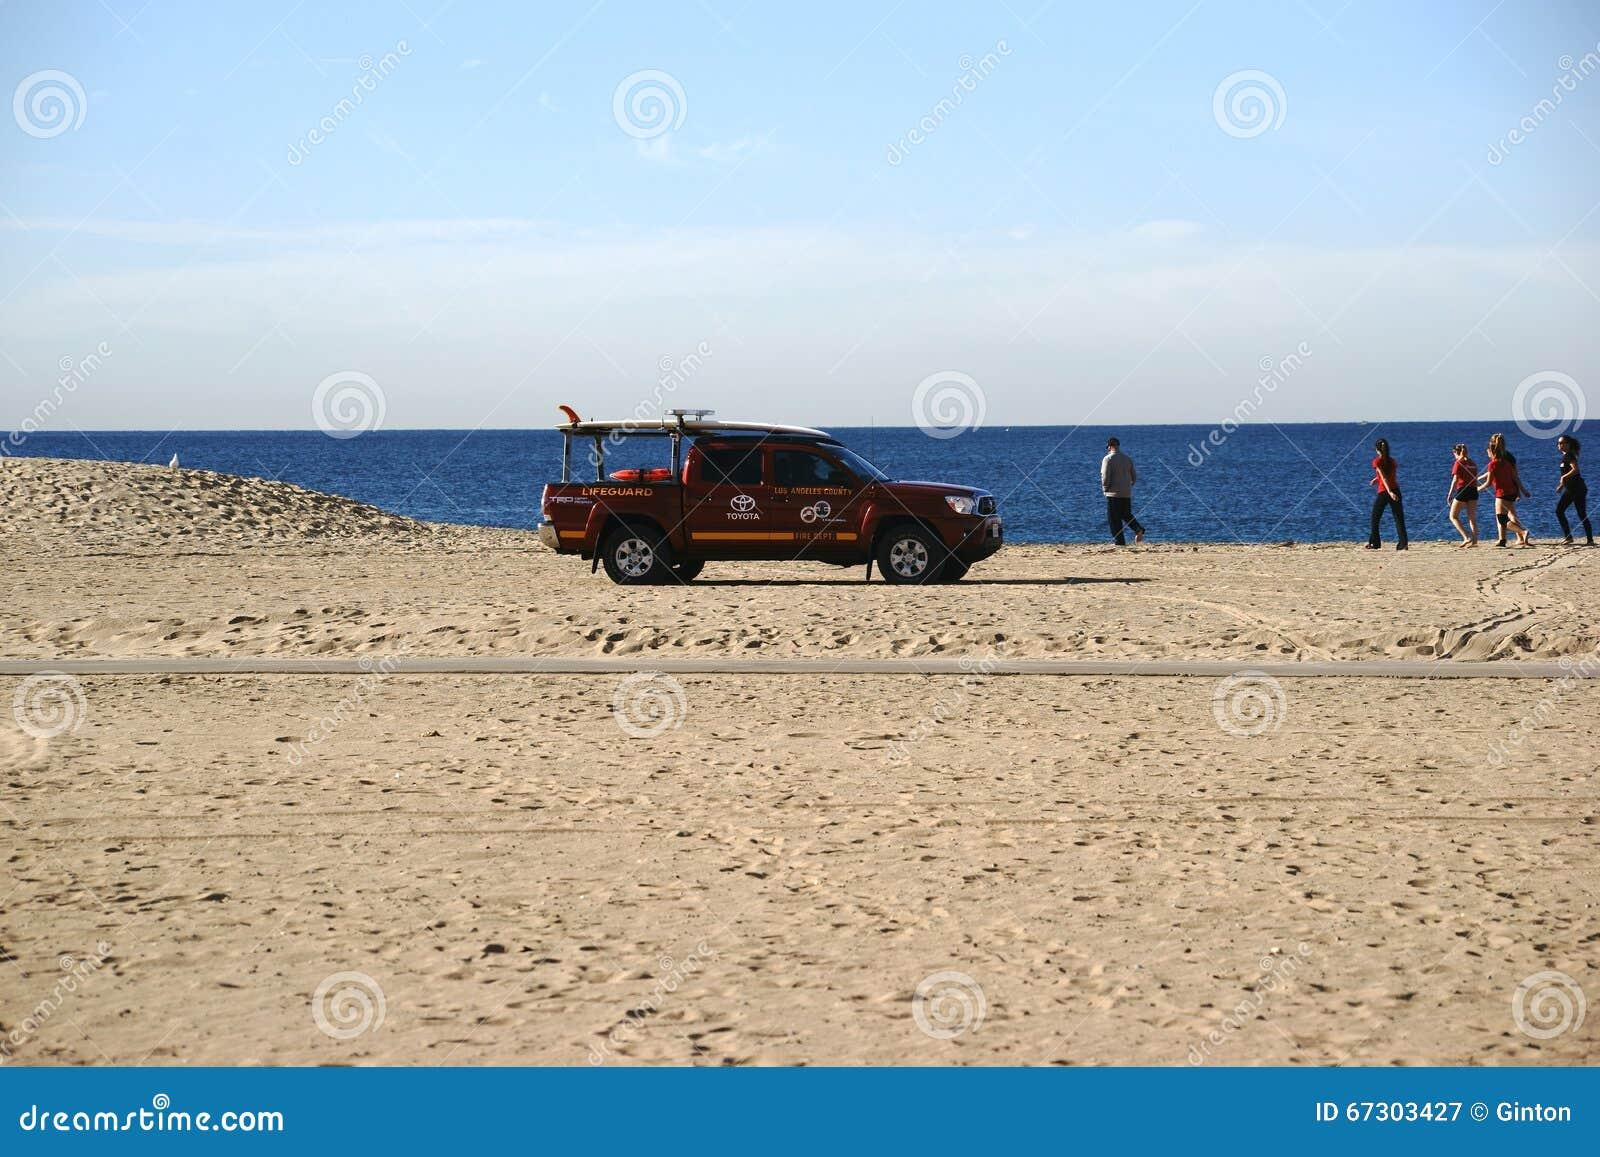 Salva-vidas Patrol na praia